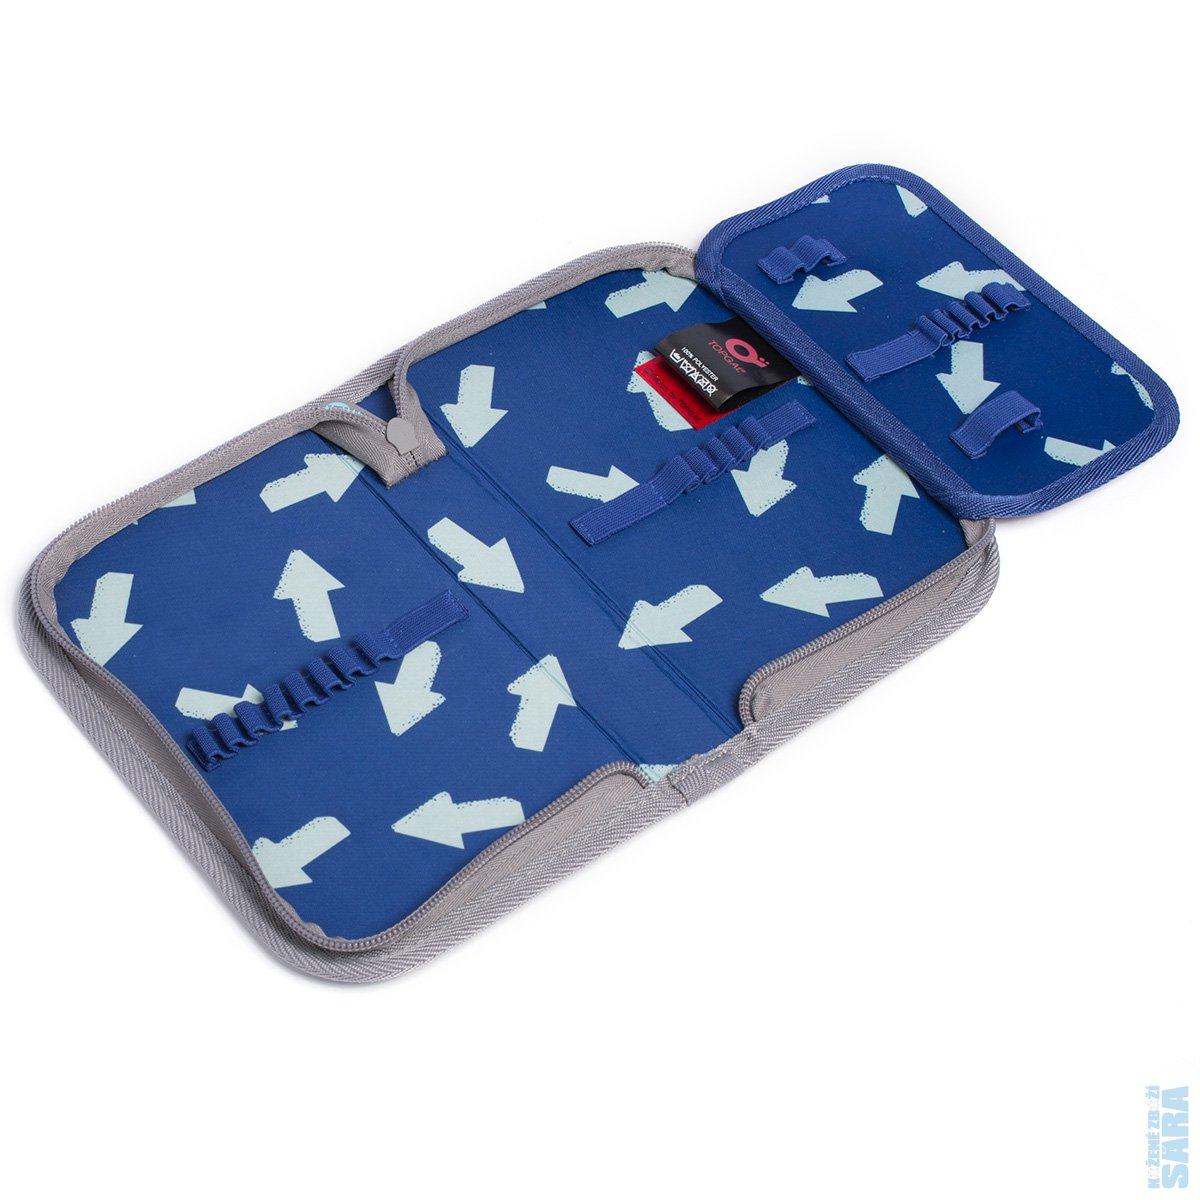 ... Školní batoh CHI 878 D blue + Penál CHI 911. Tříkomorová stálice mezi  školními batohy pro kluky od 2. třídy výše 8caea641ec